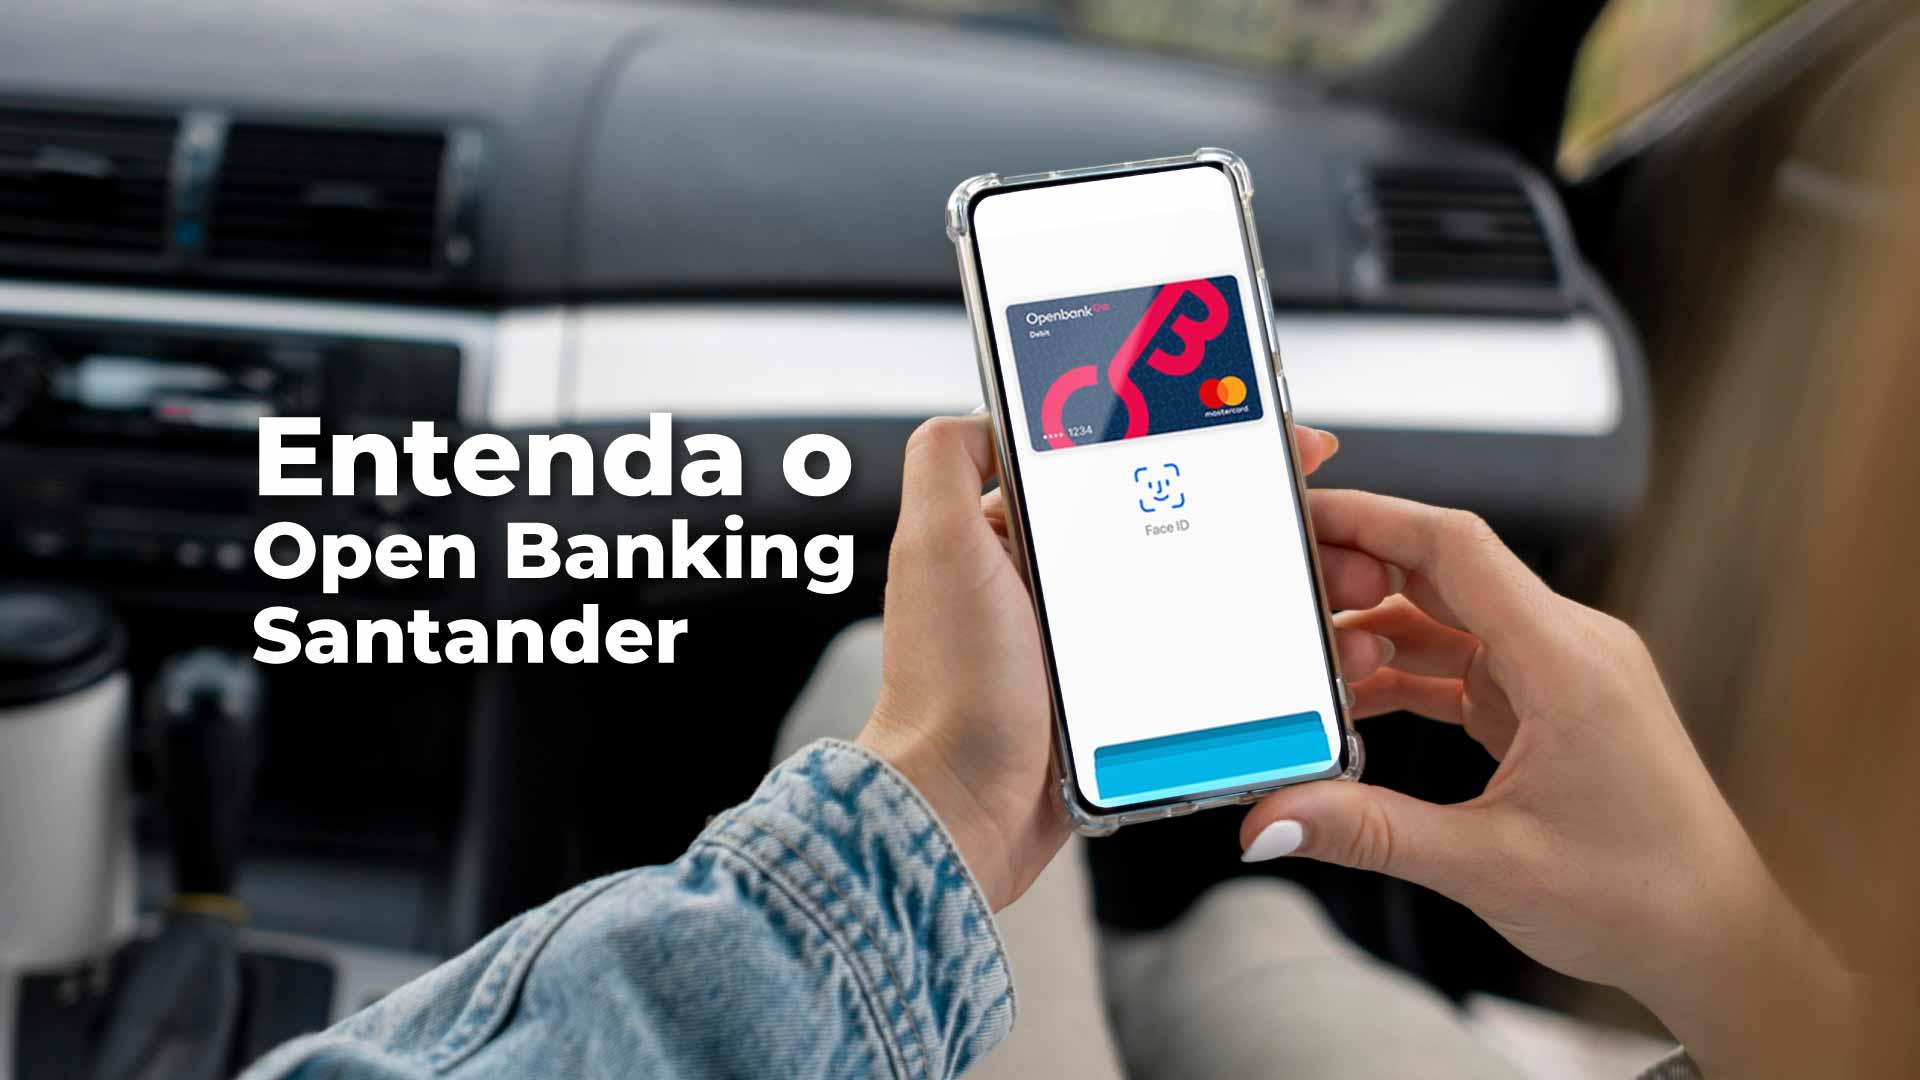 Open-Banking-Santander-entenda-o-novo-servico-citado-por-Gil-do-Vigor.jpg